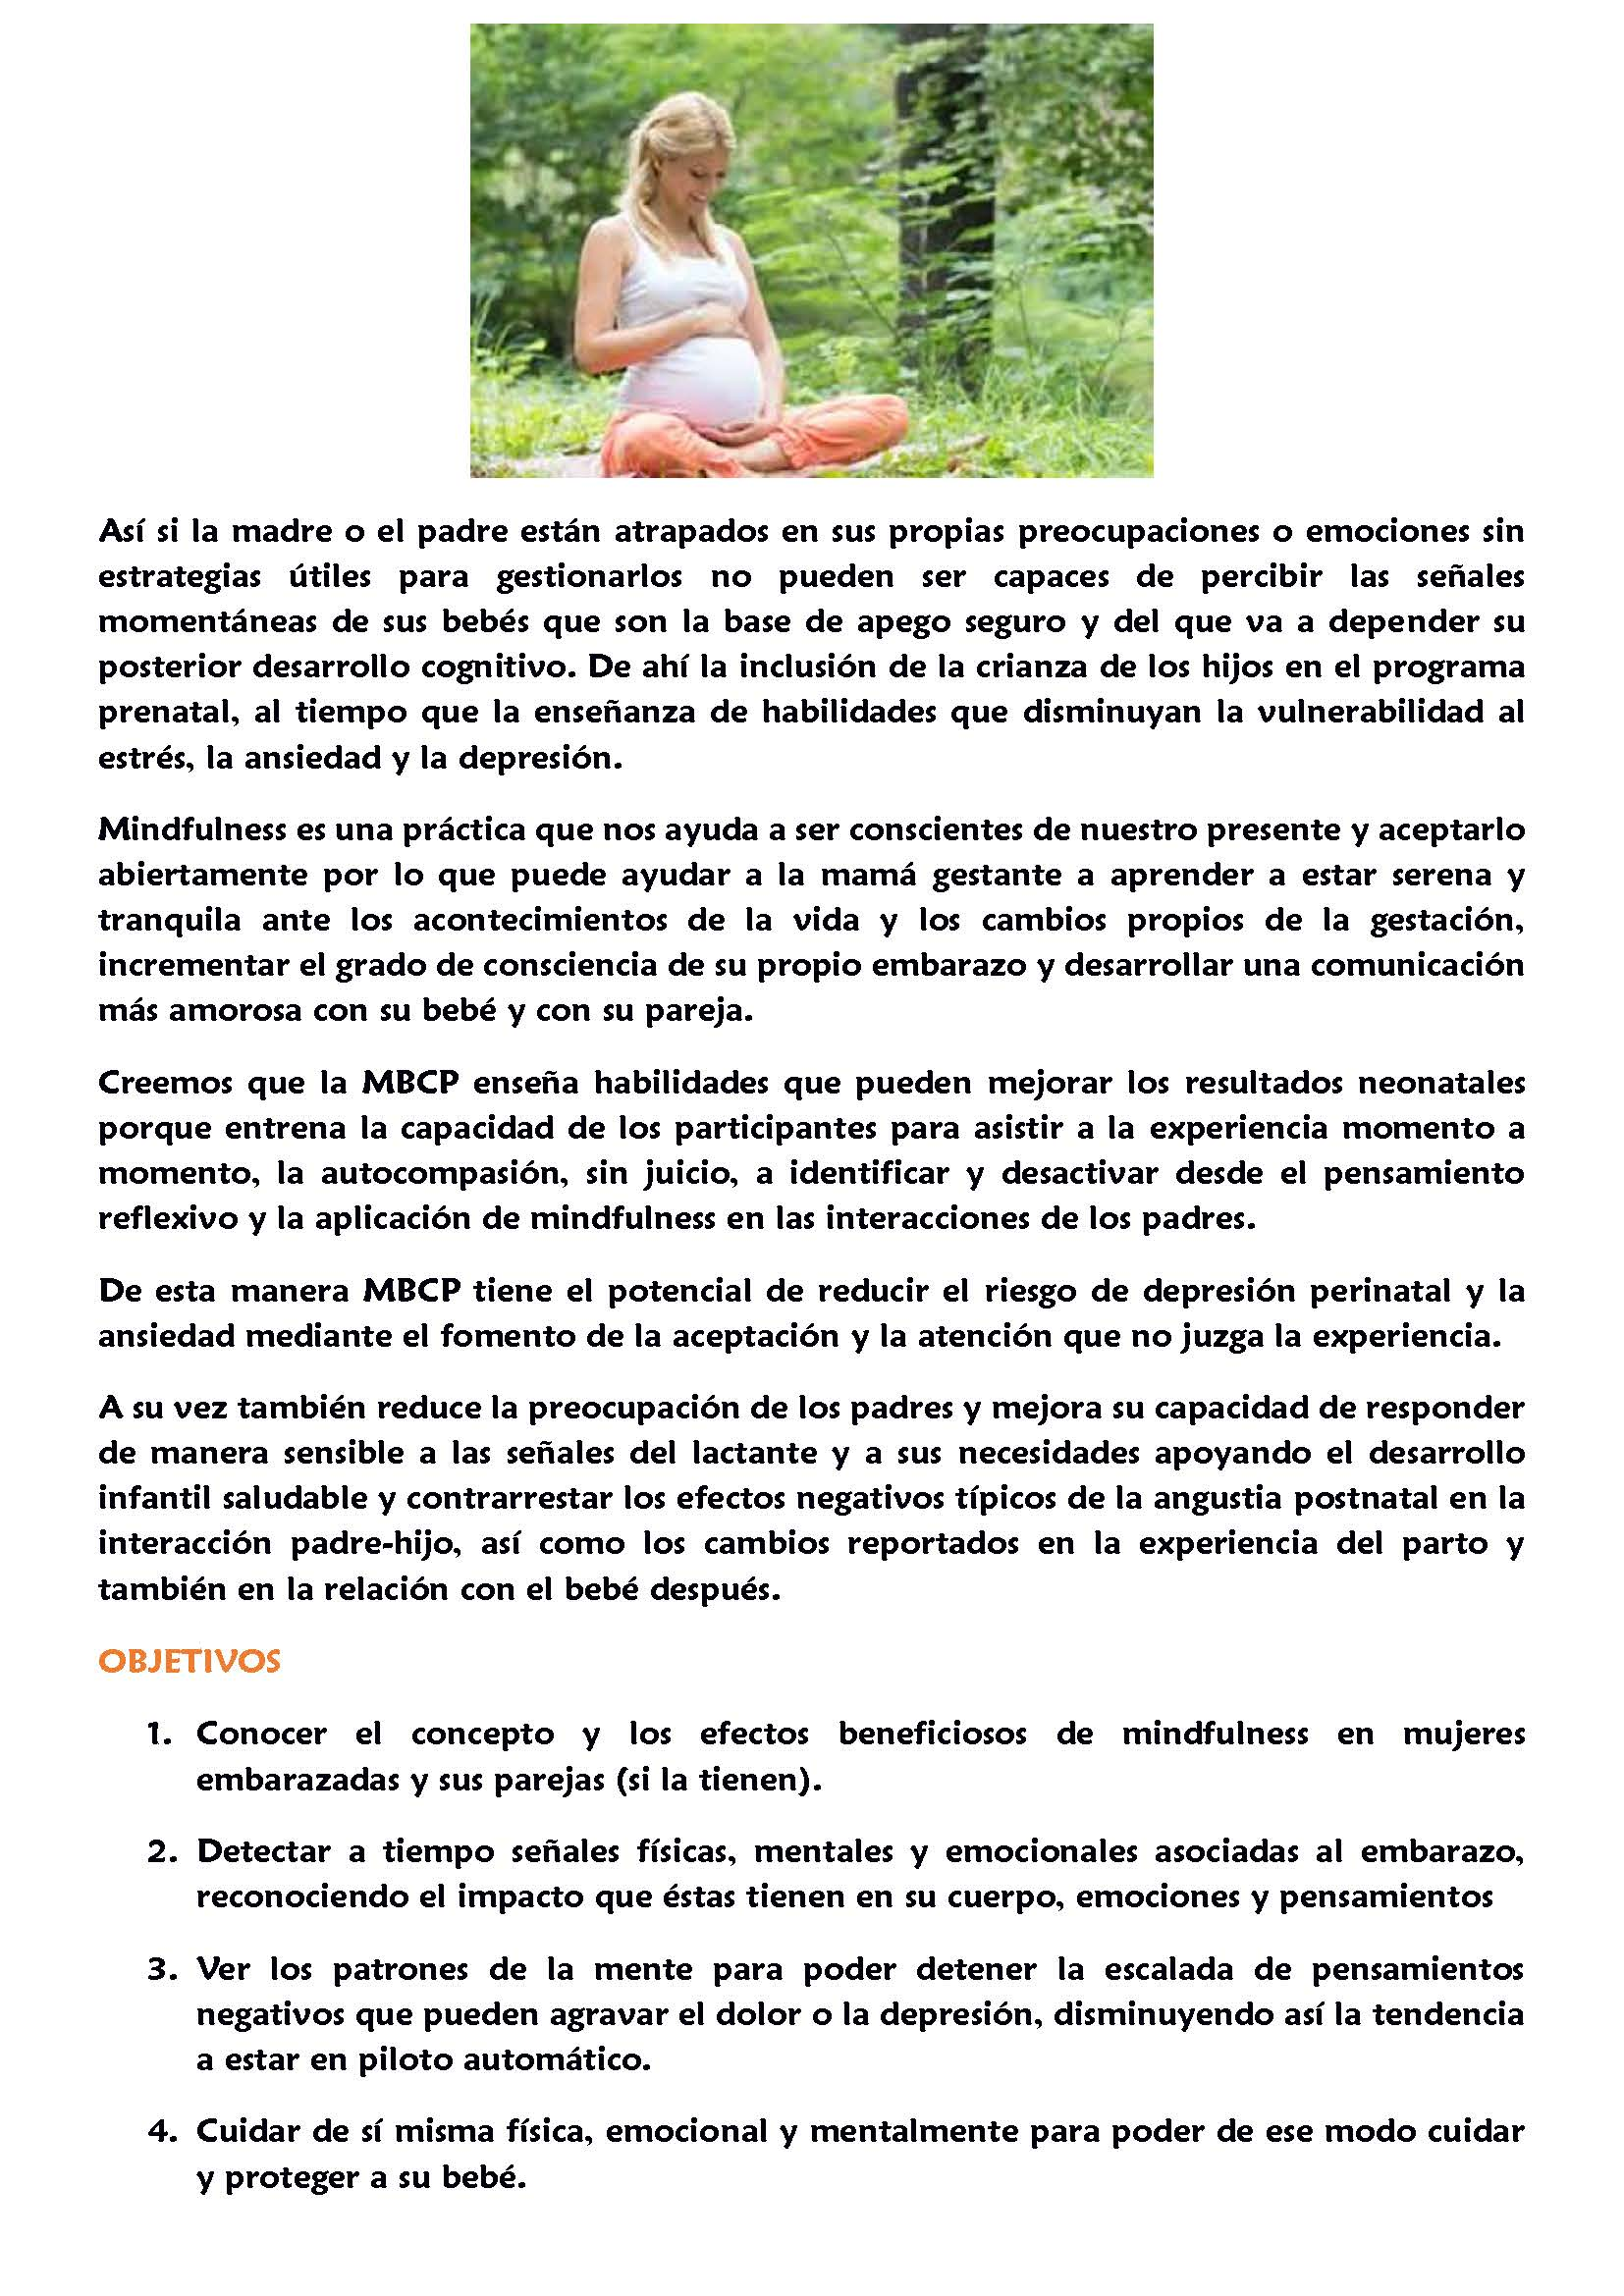 BLOG MINDFULNESS EN EL EMBARAZO_Página_2